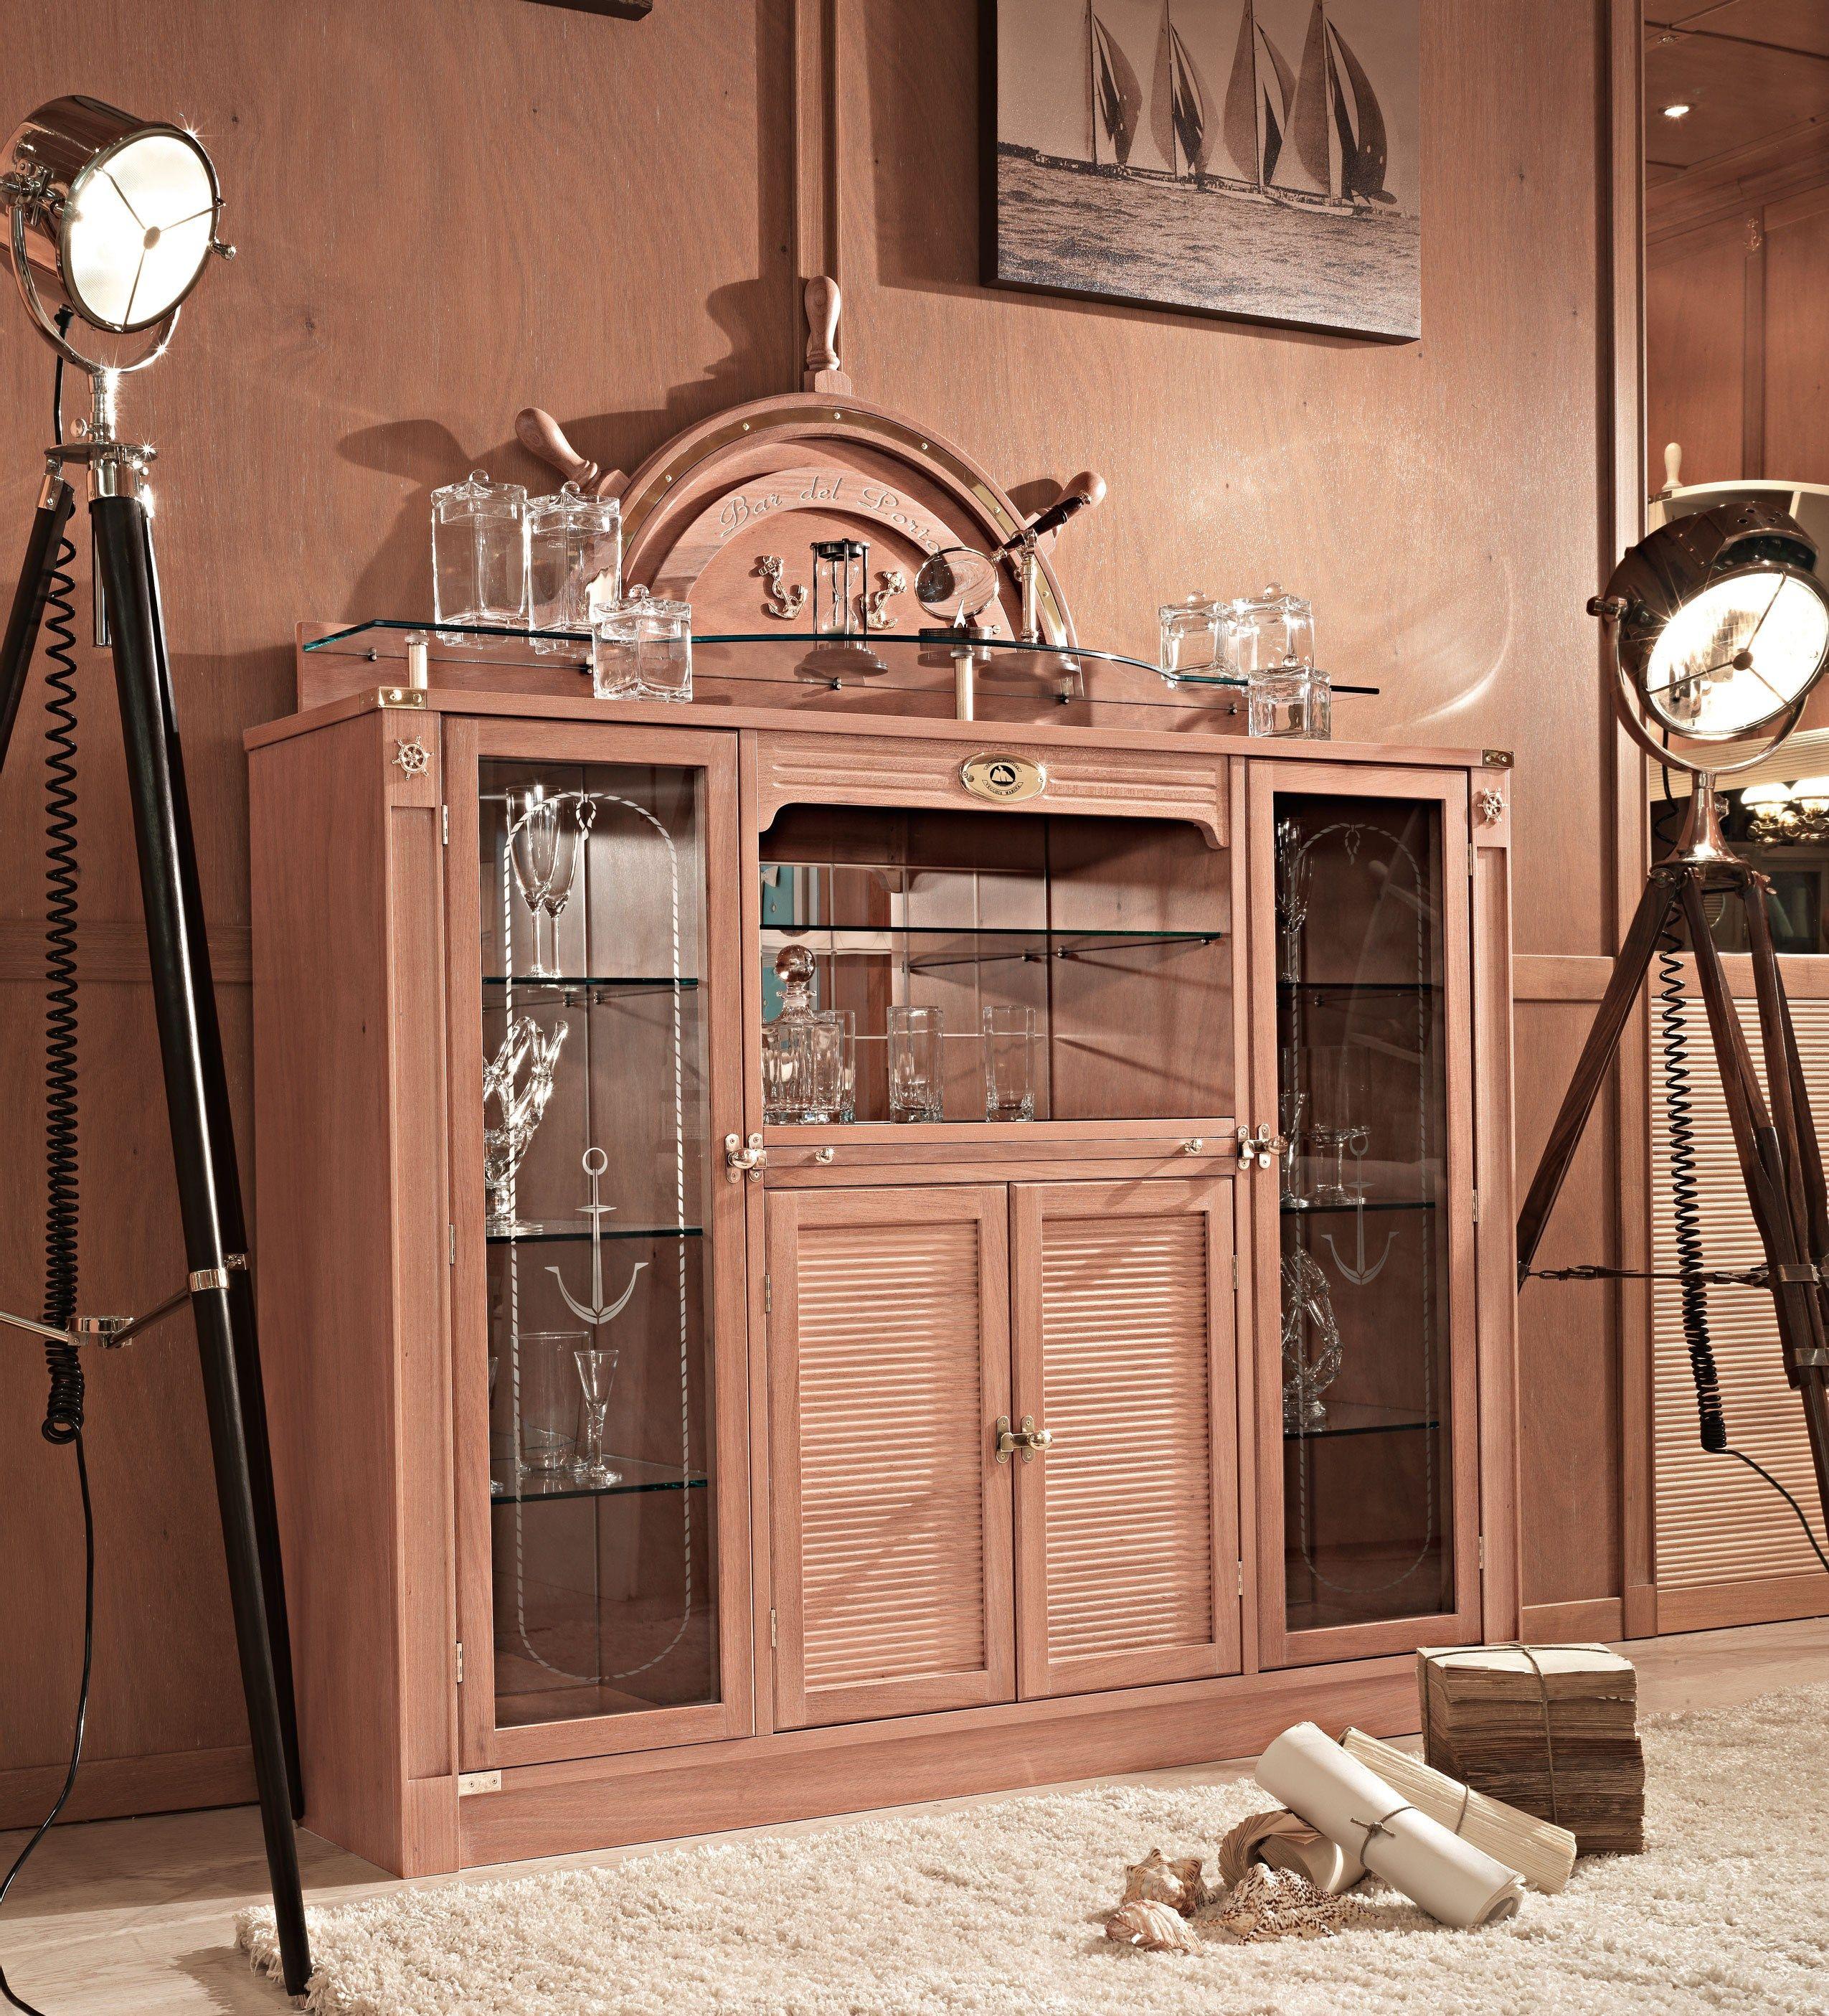 Mueble bar en madera y vidrio 712  PORT BAR  Caroti